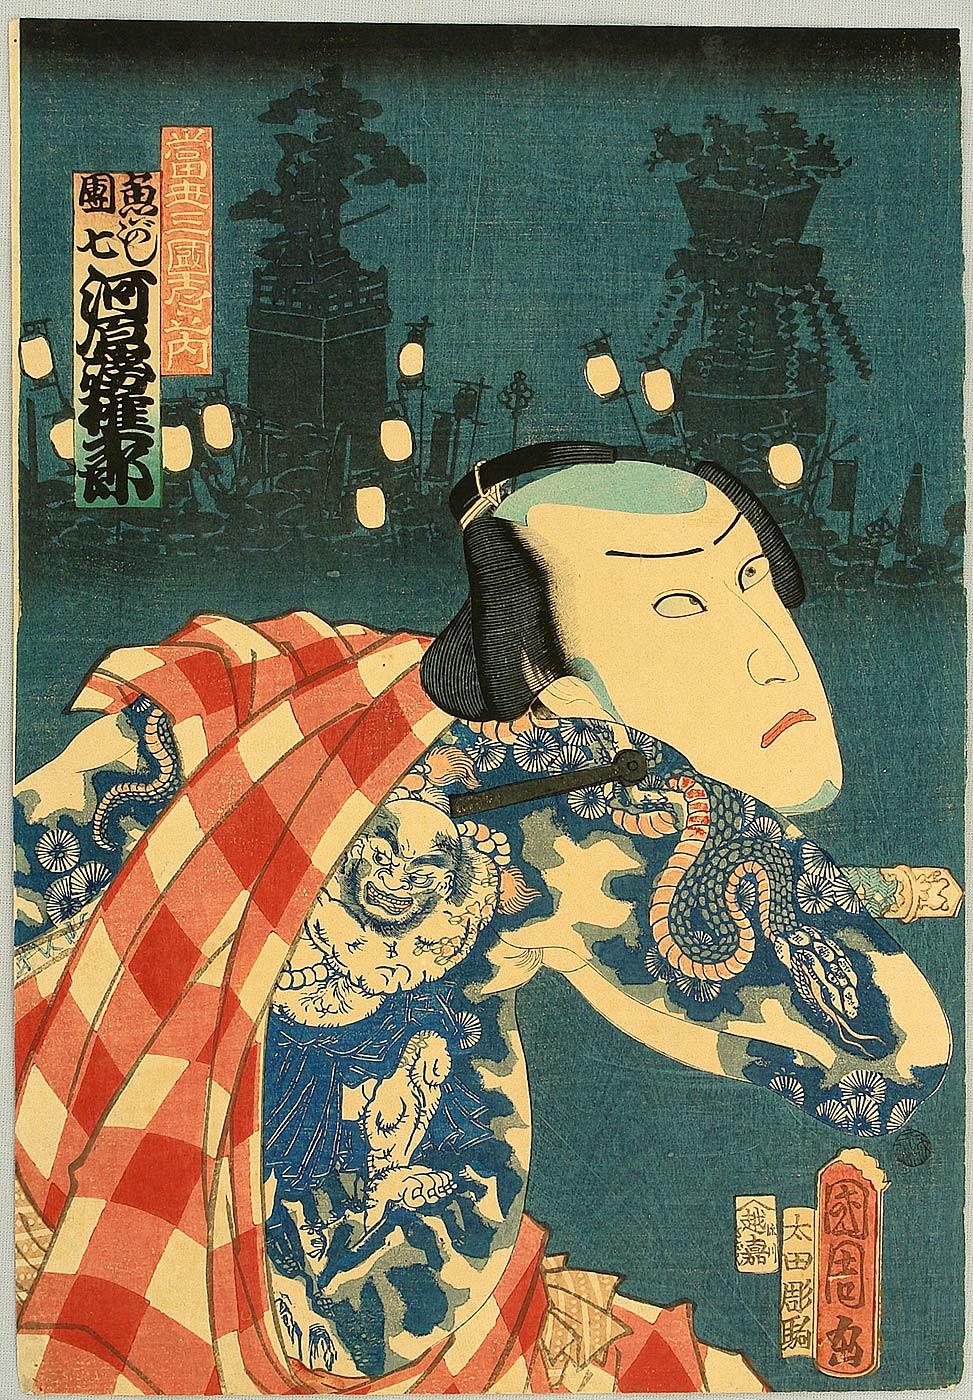 Enchevêtrement des motifs et danse des couleurs par Toyohara Kunichika sensei. 1835-1900.